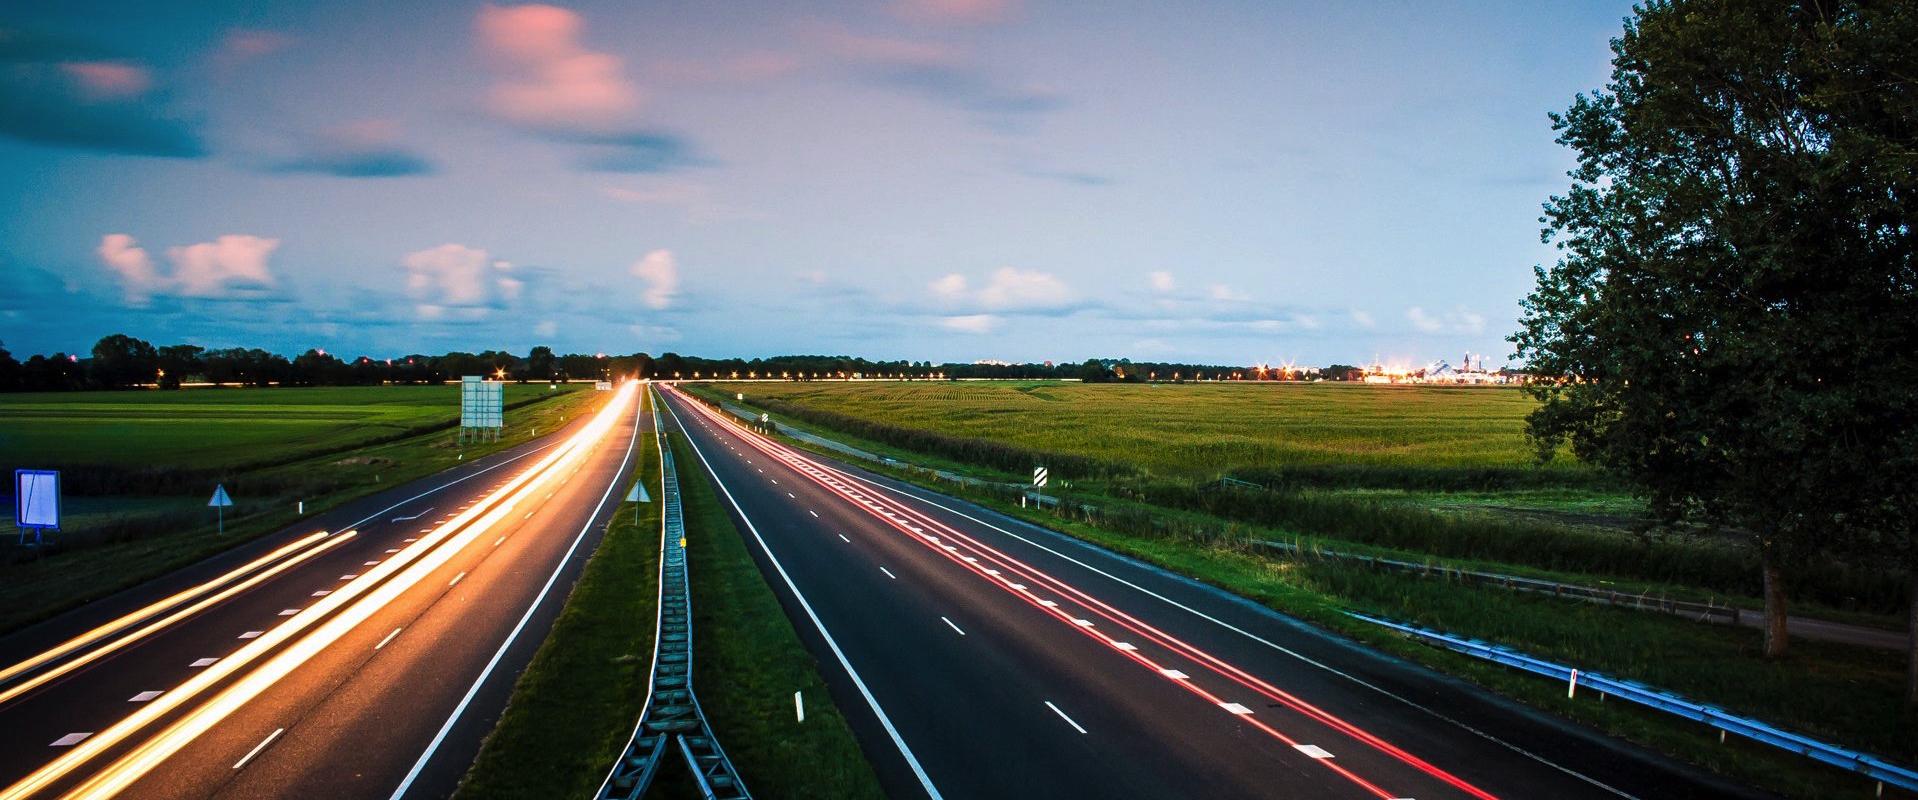 El BID da 500 millones en garantías de inversión a Argentina para impulsar infraestructura